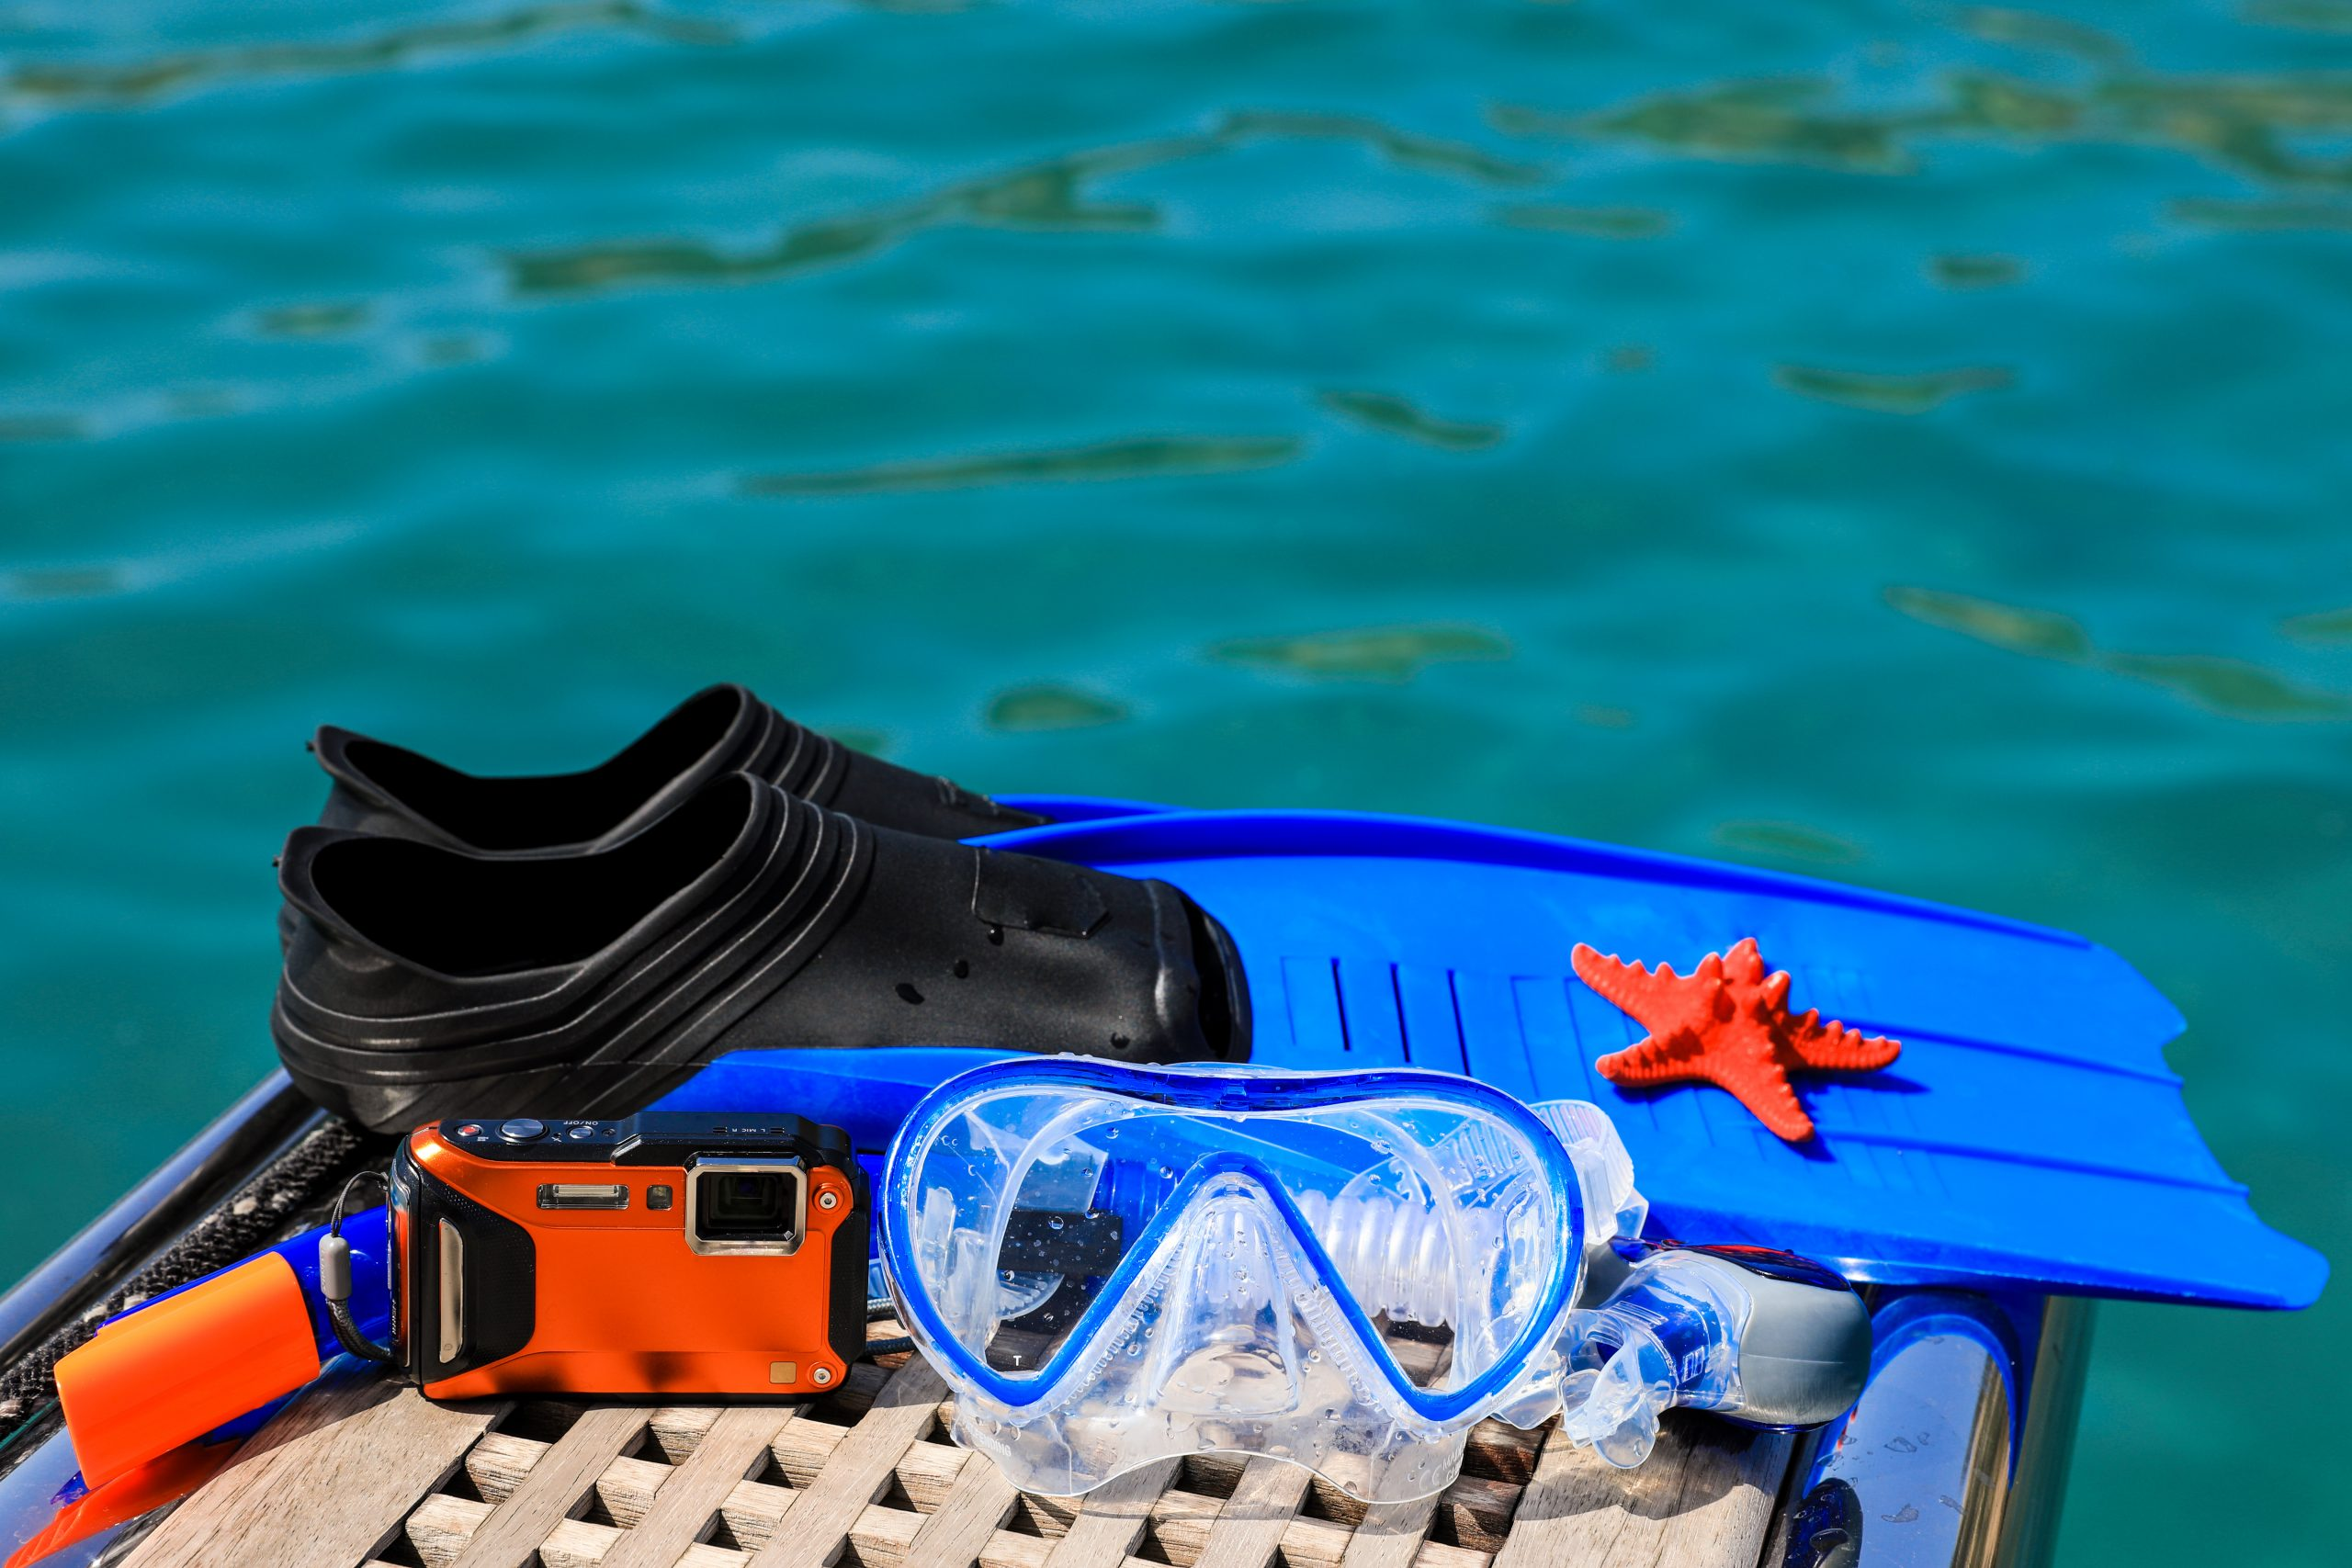 Wasserdichte Kamera: Test & Empfehlungen (03/20)